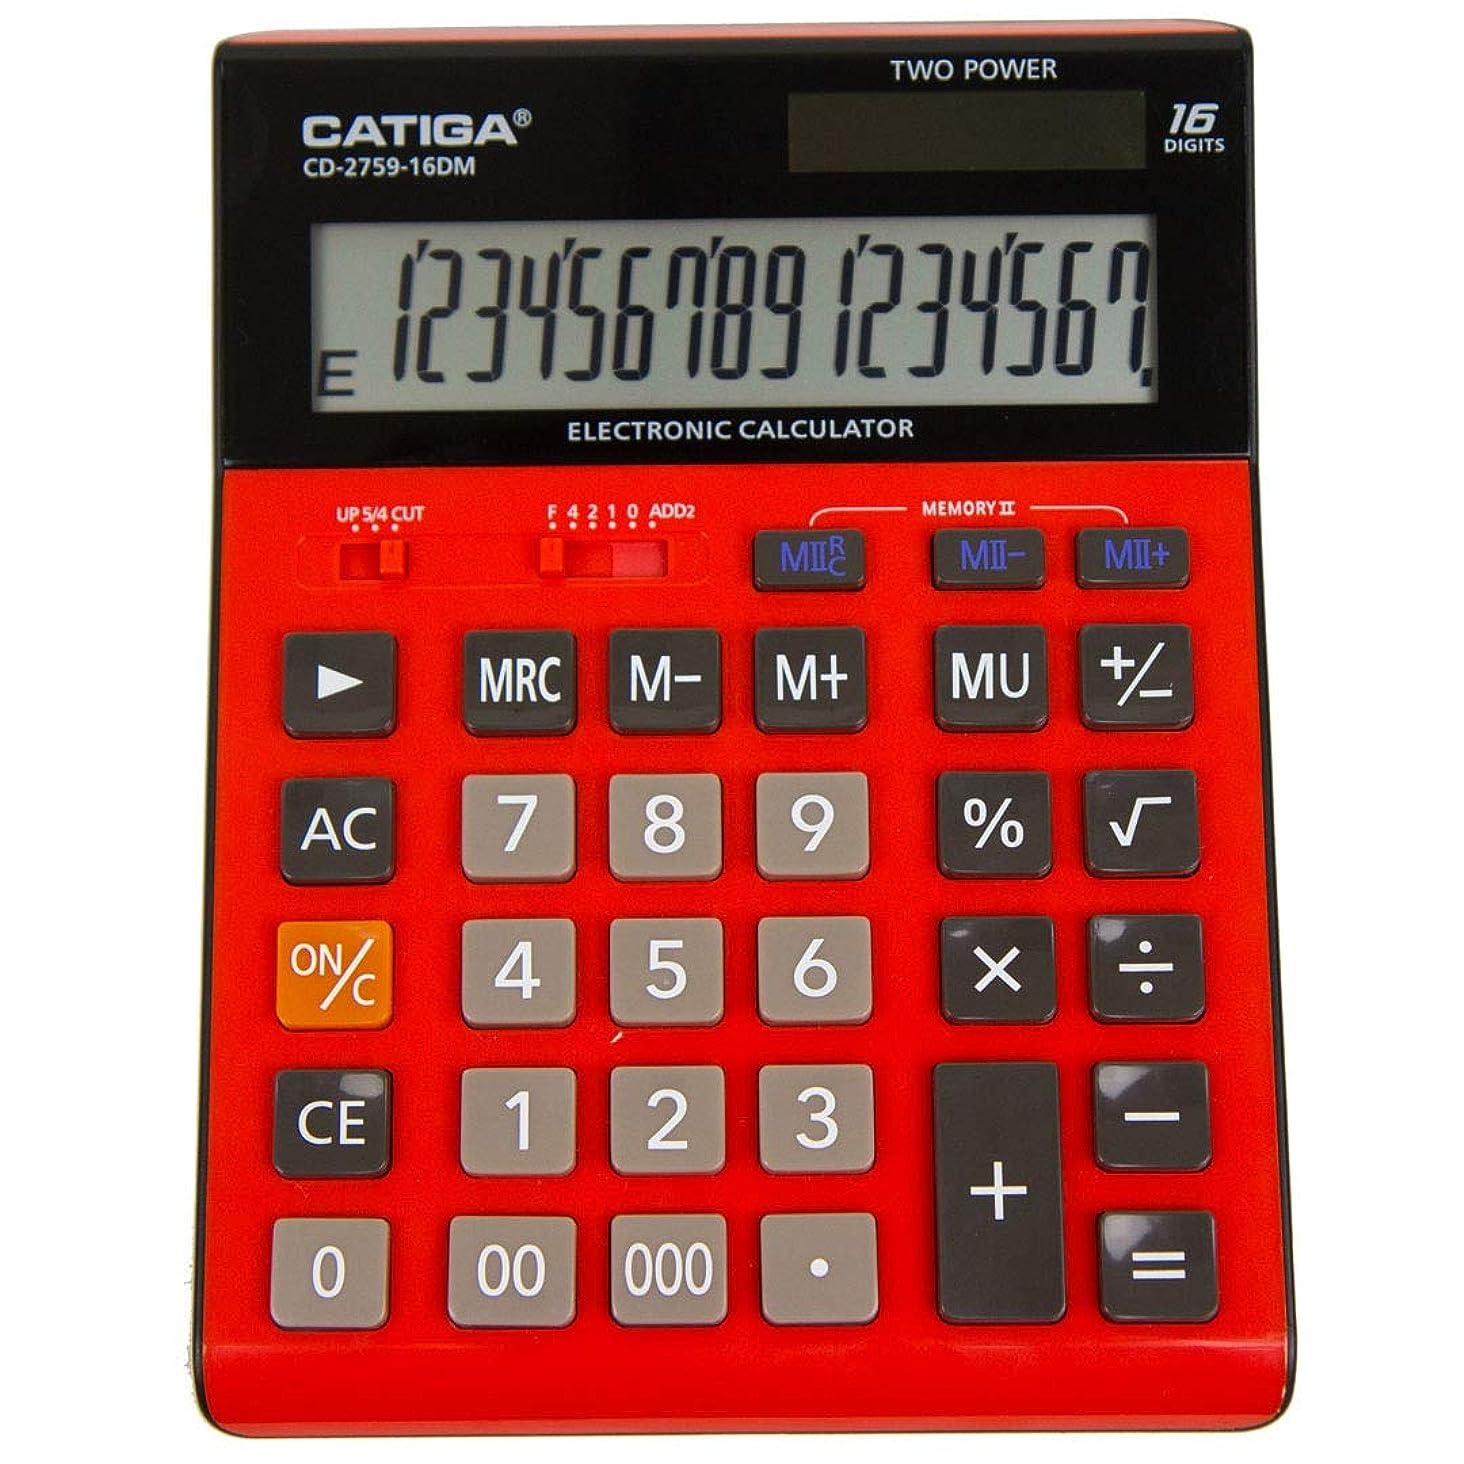 収縮群衆指定大型16桁液晶ディスプレイ電卓 - CD-2759 - デュアルパワーデスク電卓 (レッド)